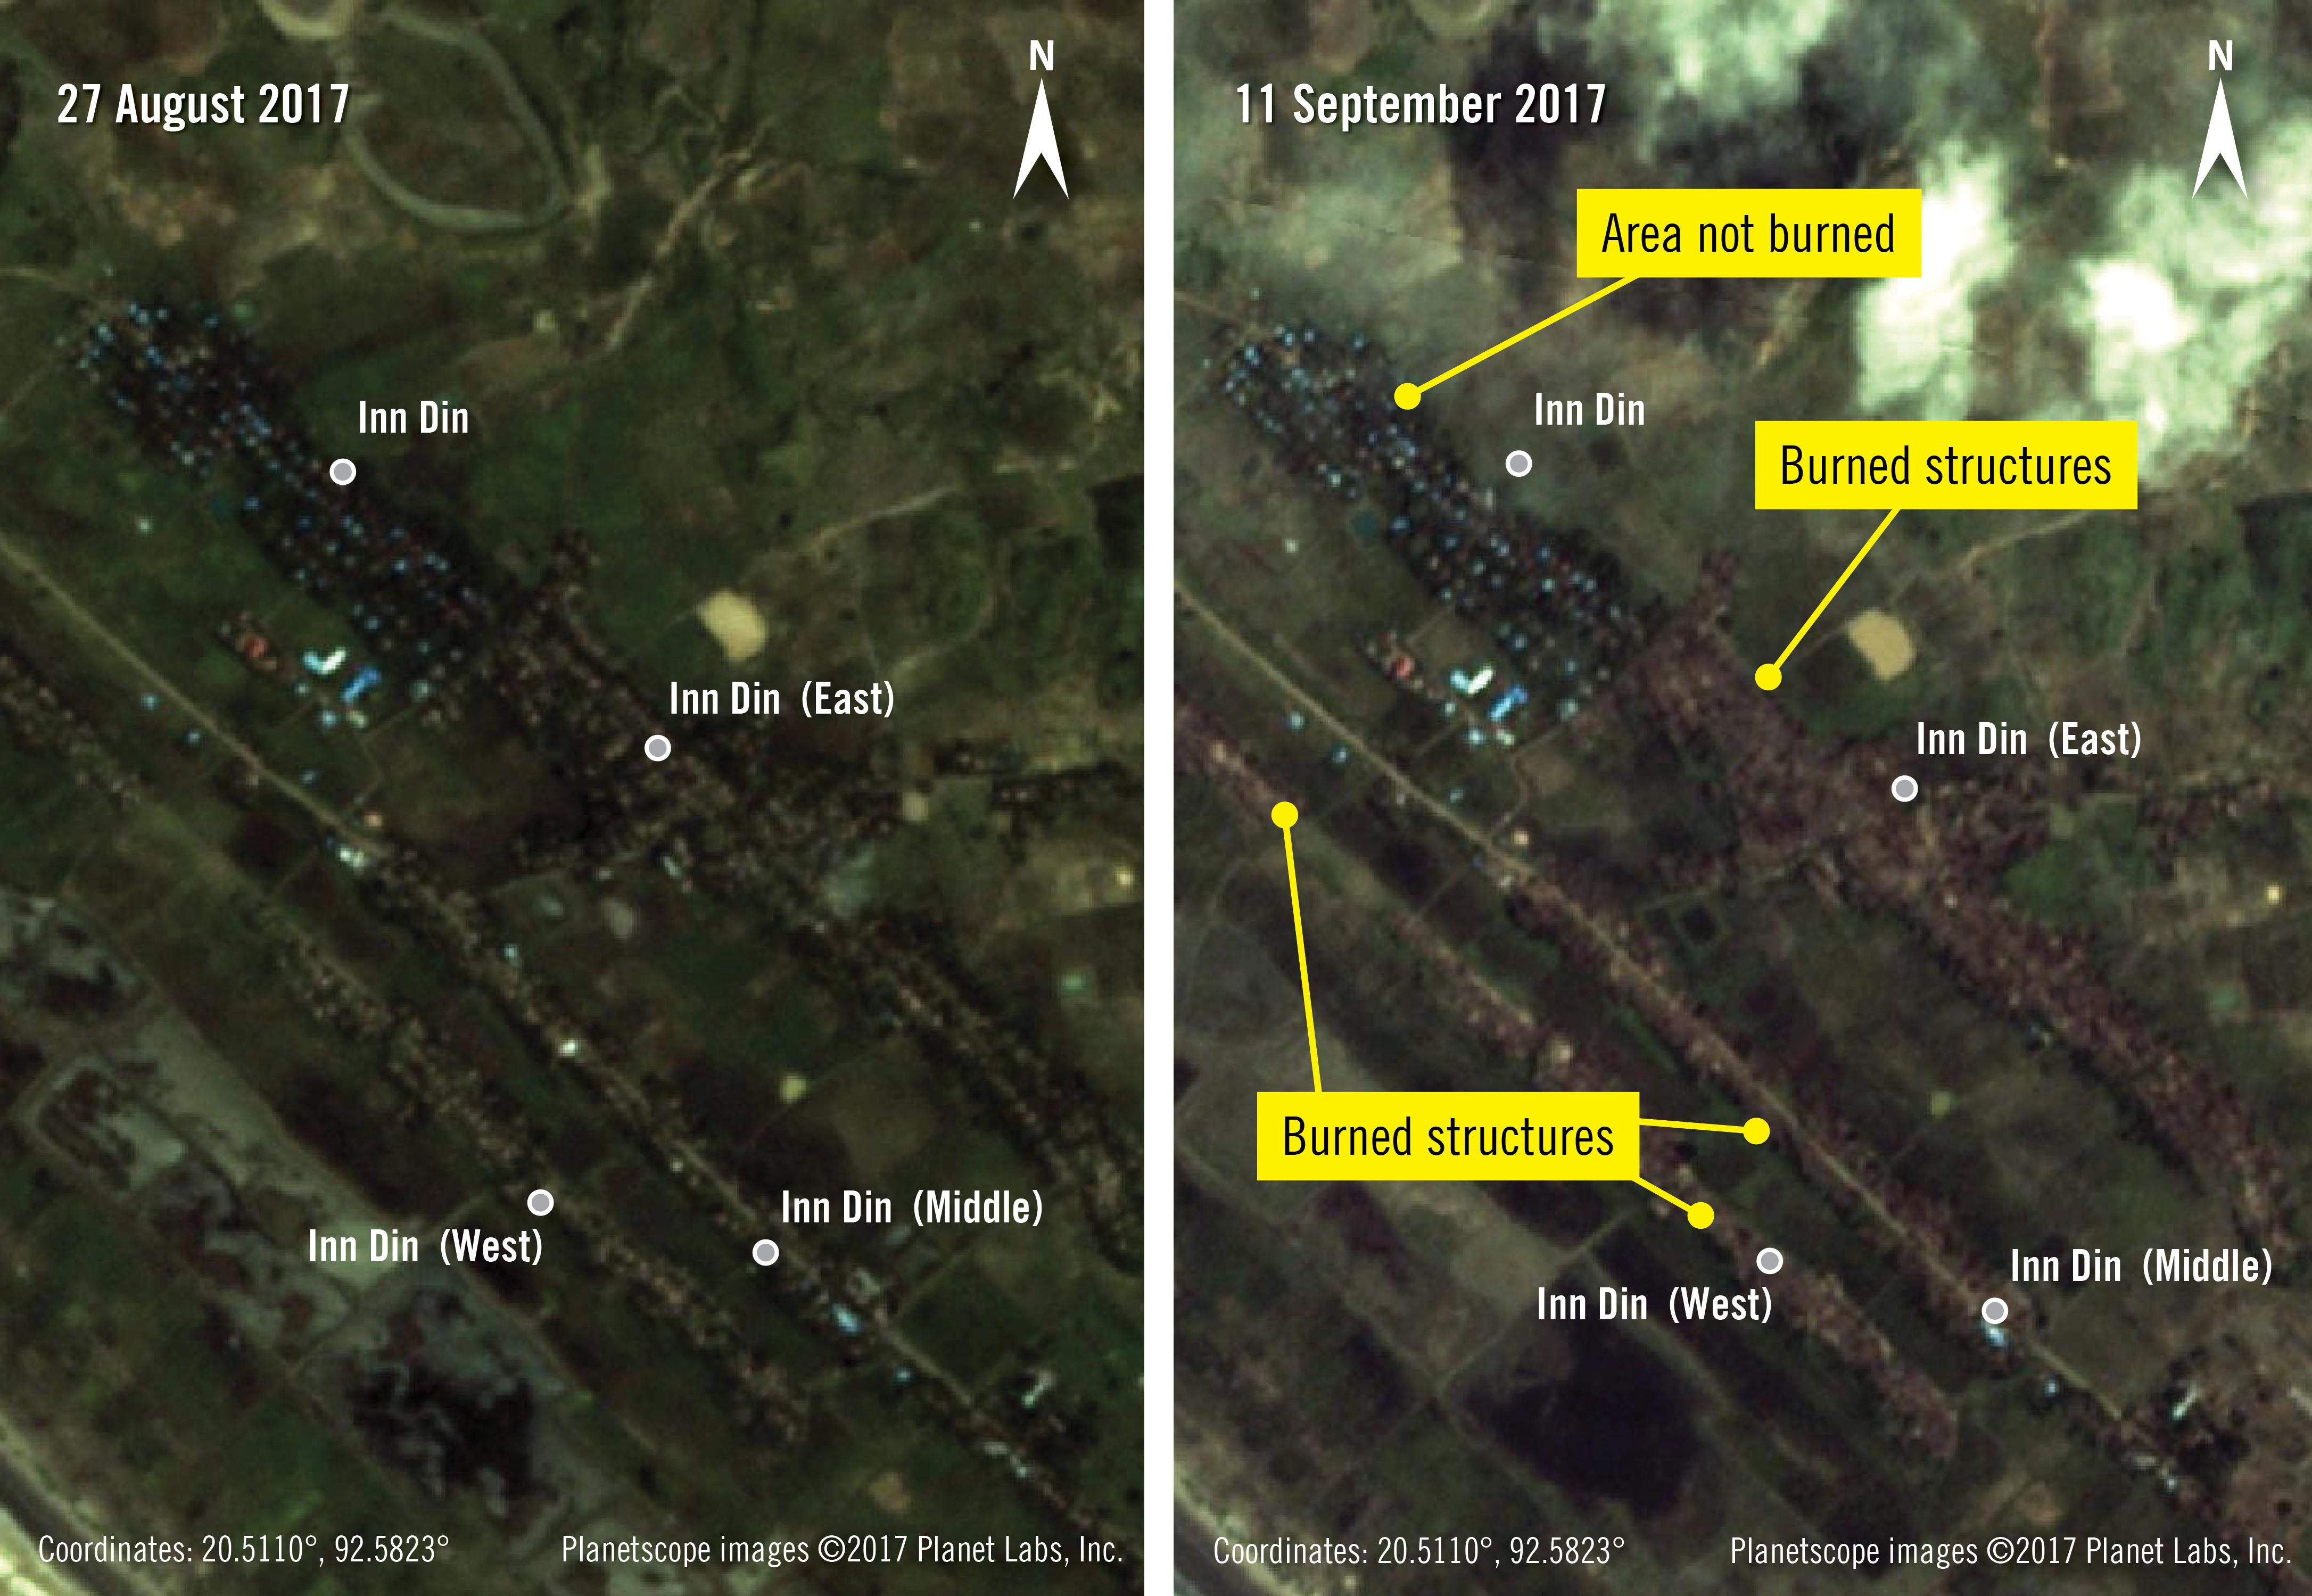 Műholdfelvételek bizonyítják a mianmari etnikai tisztogatást